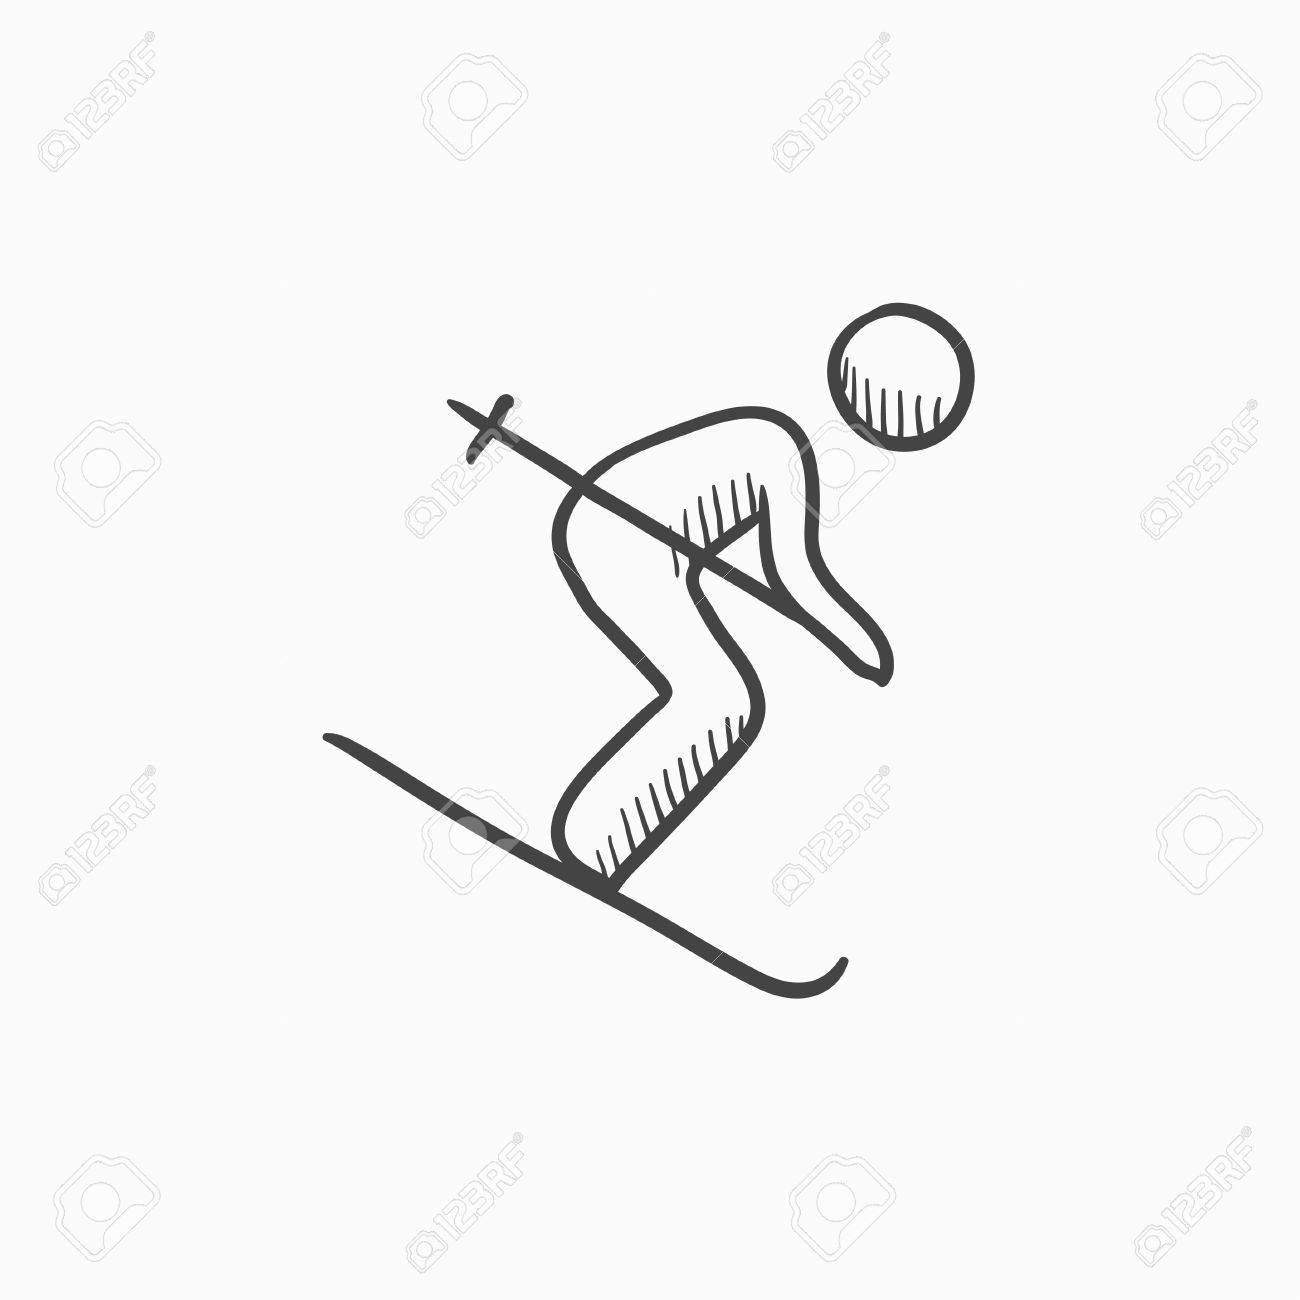 Descenso Dibujo Icono De Esquí Del Vector Aislado En El Fondo Dibujado A Mano Icono De Esquí De Montaña Esquí Alpino Icono De Boceto Para La